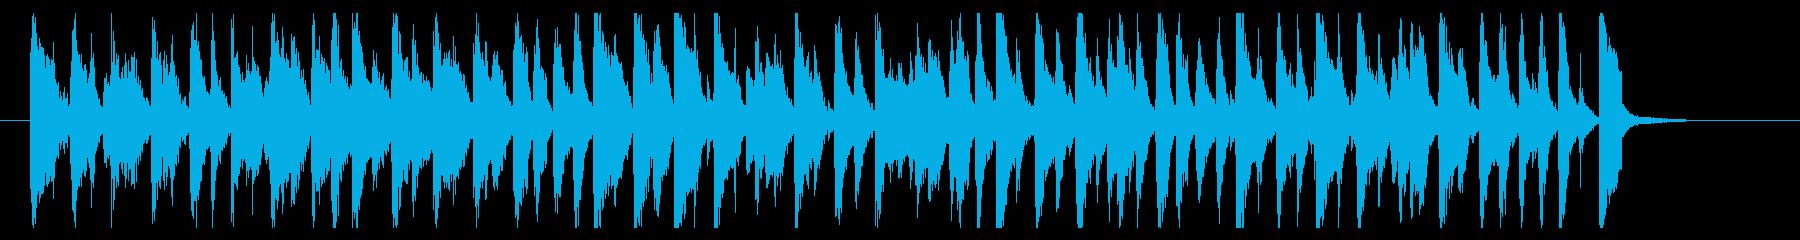 うきうきわくわくピアノポップの再生済みの波形